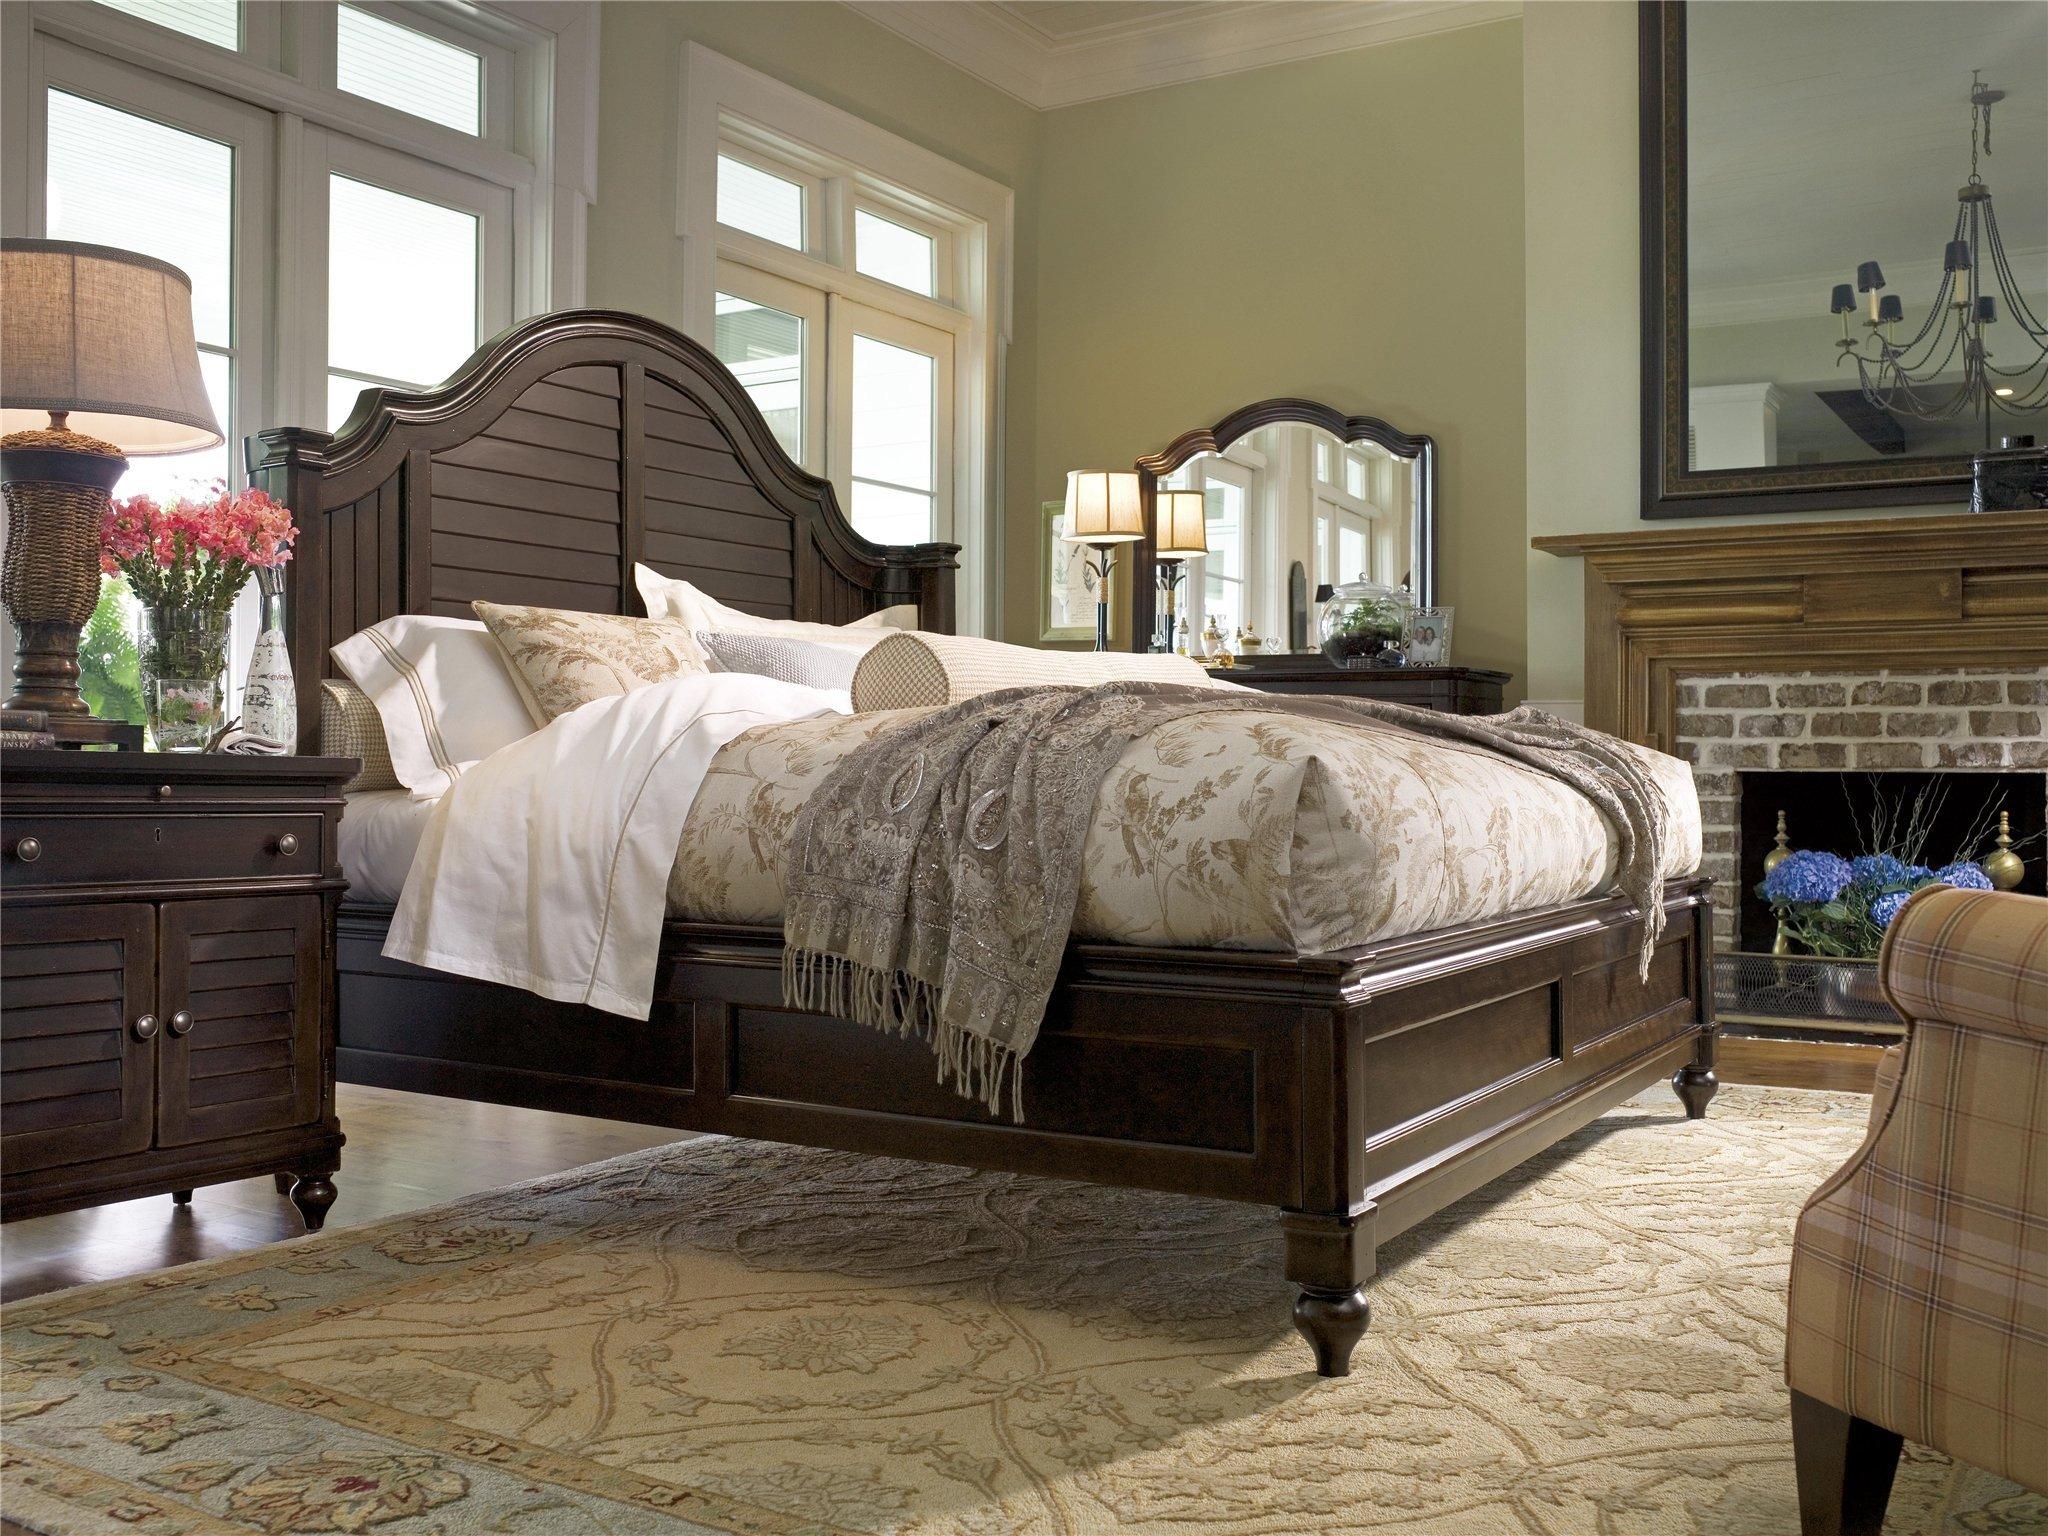 Paula Deen Steel Magnolia Bedroom Set Best Of Paula Deen Home Steel Magnolia King Bed